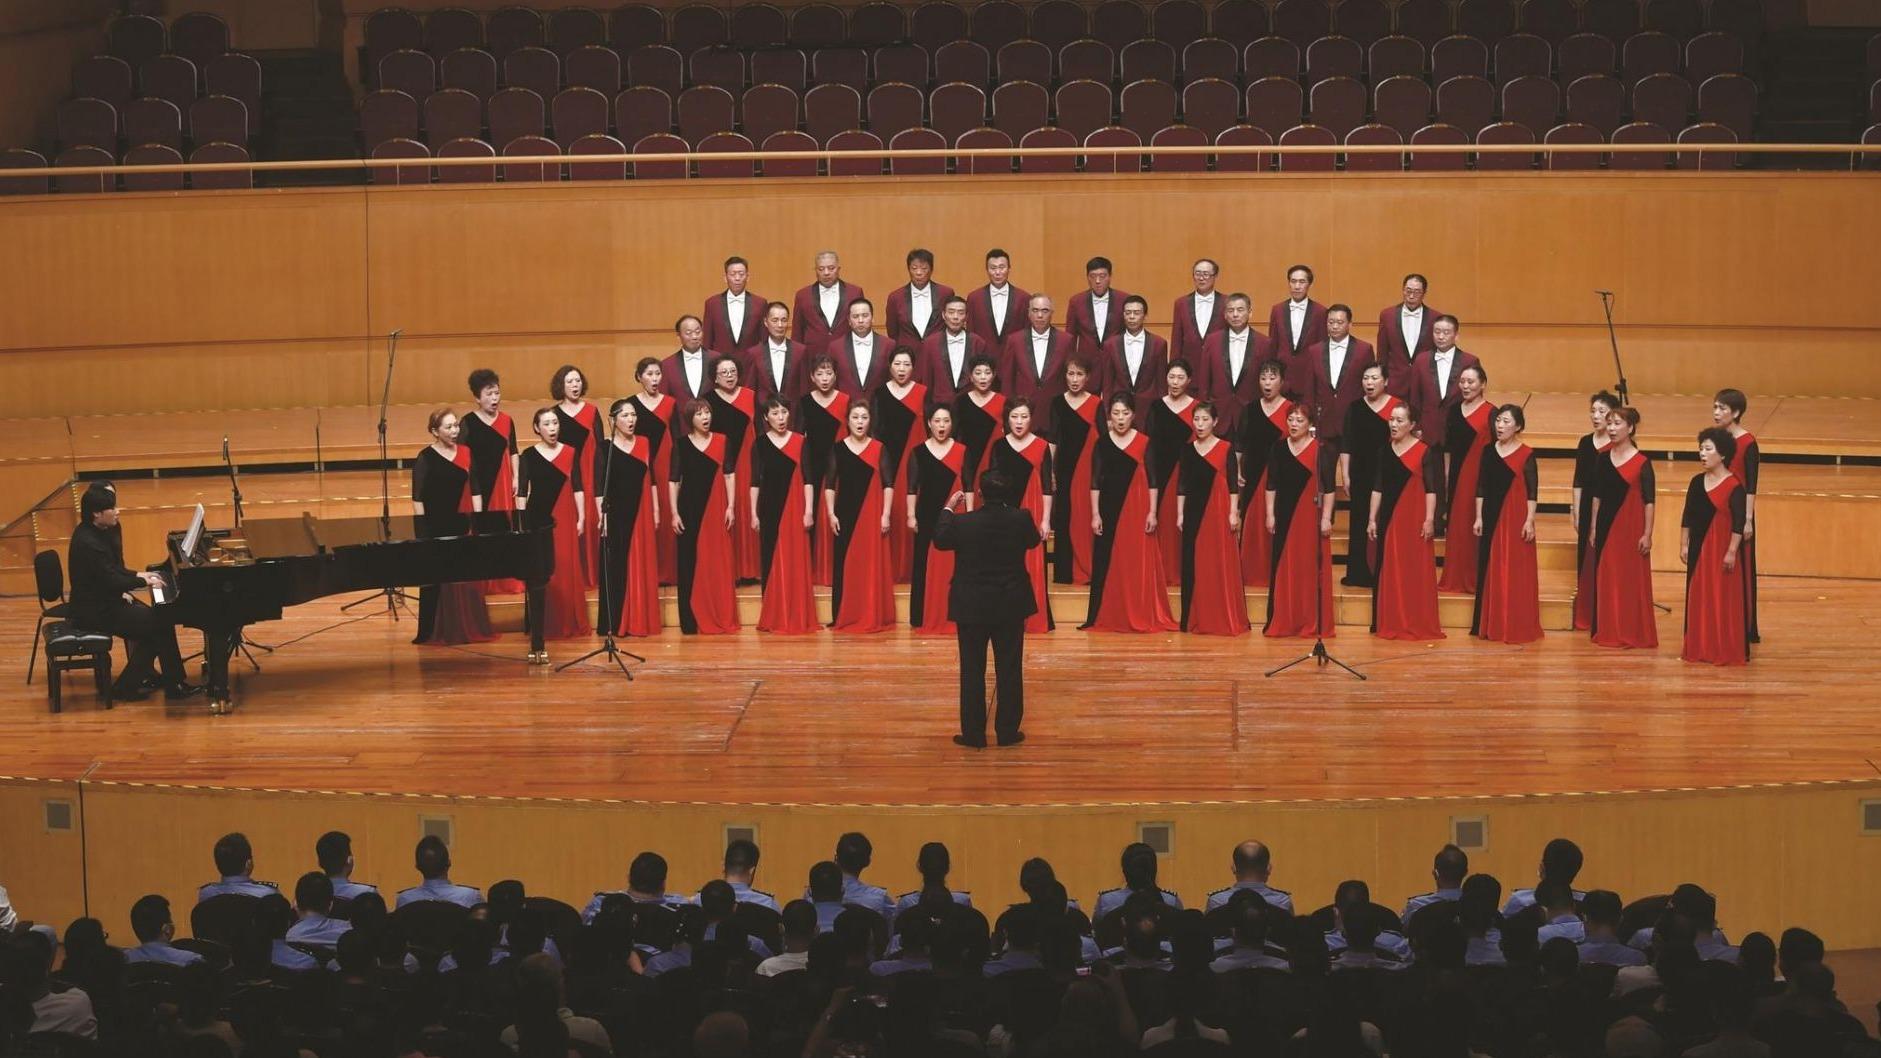 第十六屆中國合唱節昨晚在武漢拉開大幕